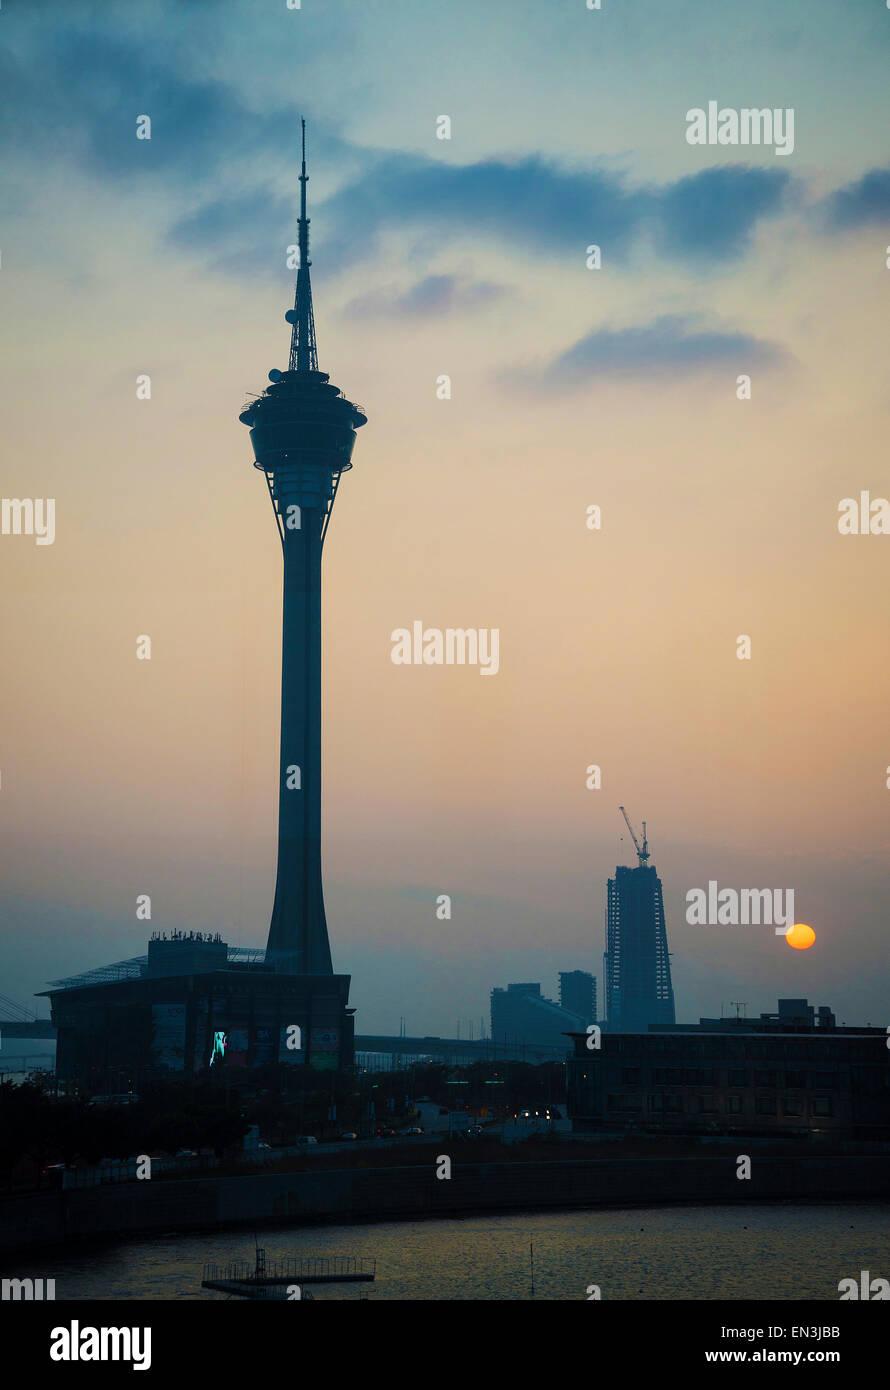 Macau tower building vue au coucher du soleil à Macao Macao, Chine Photo Stock